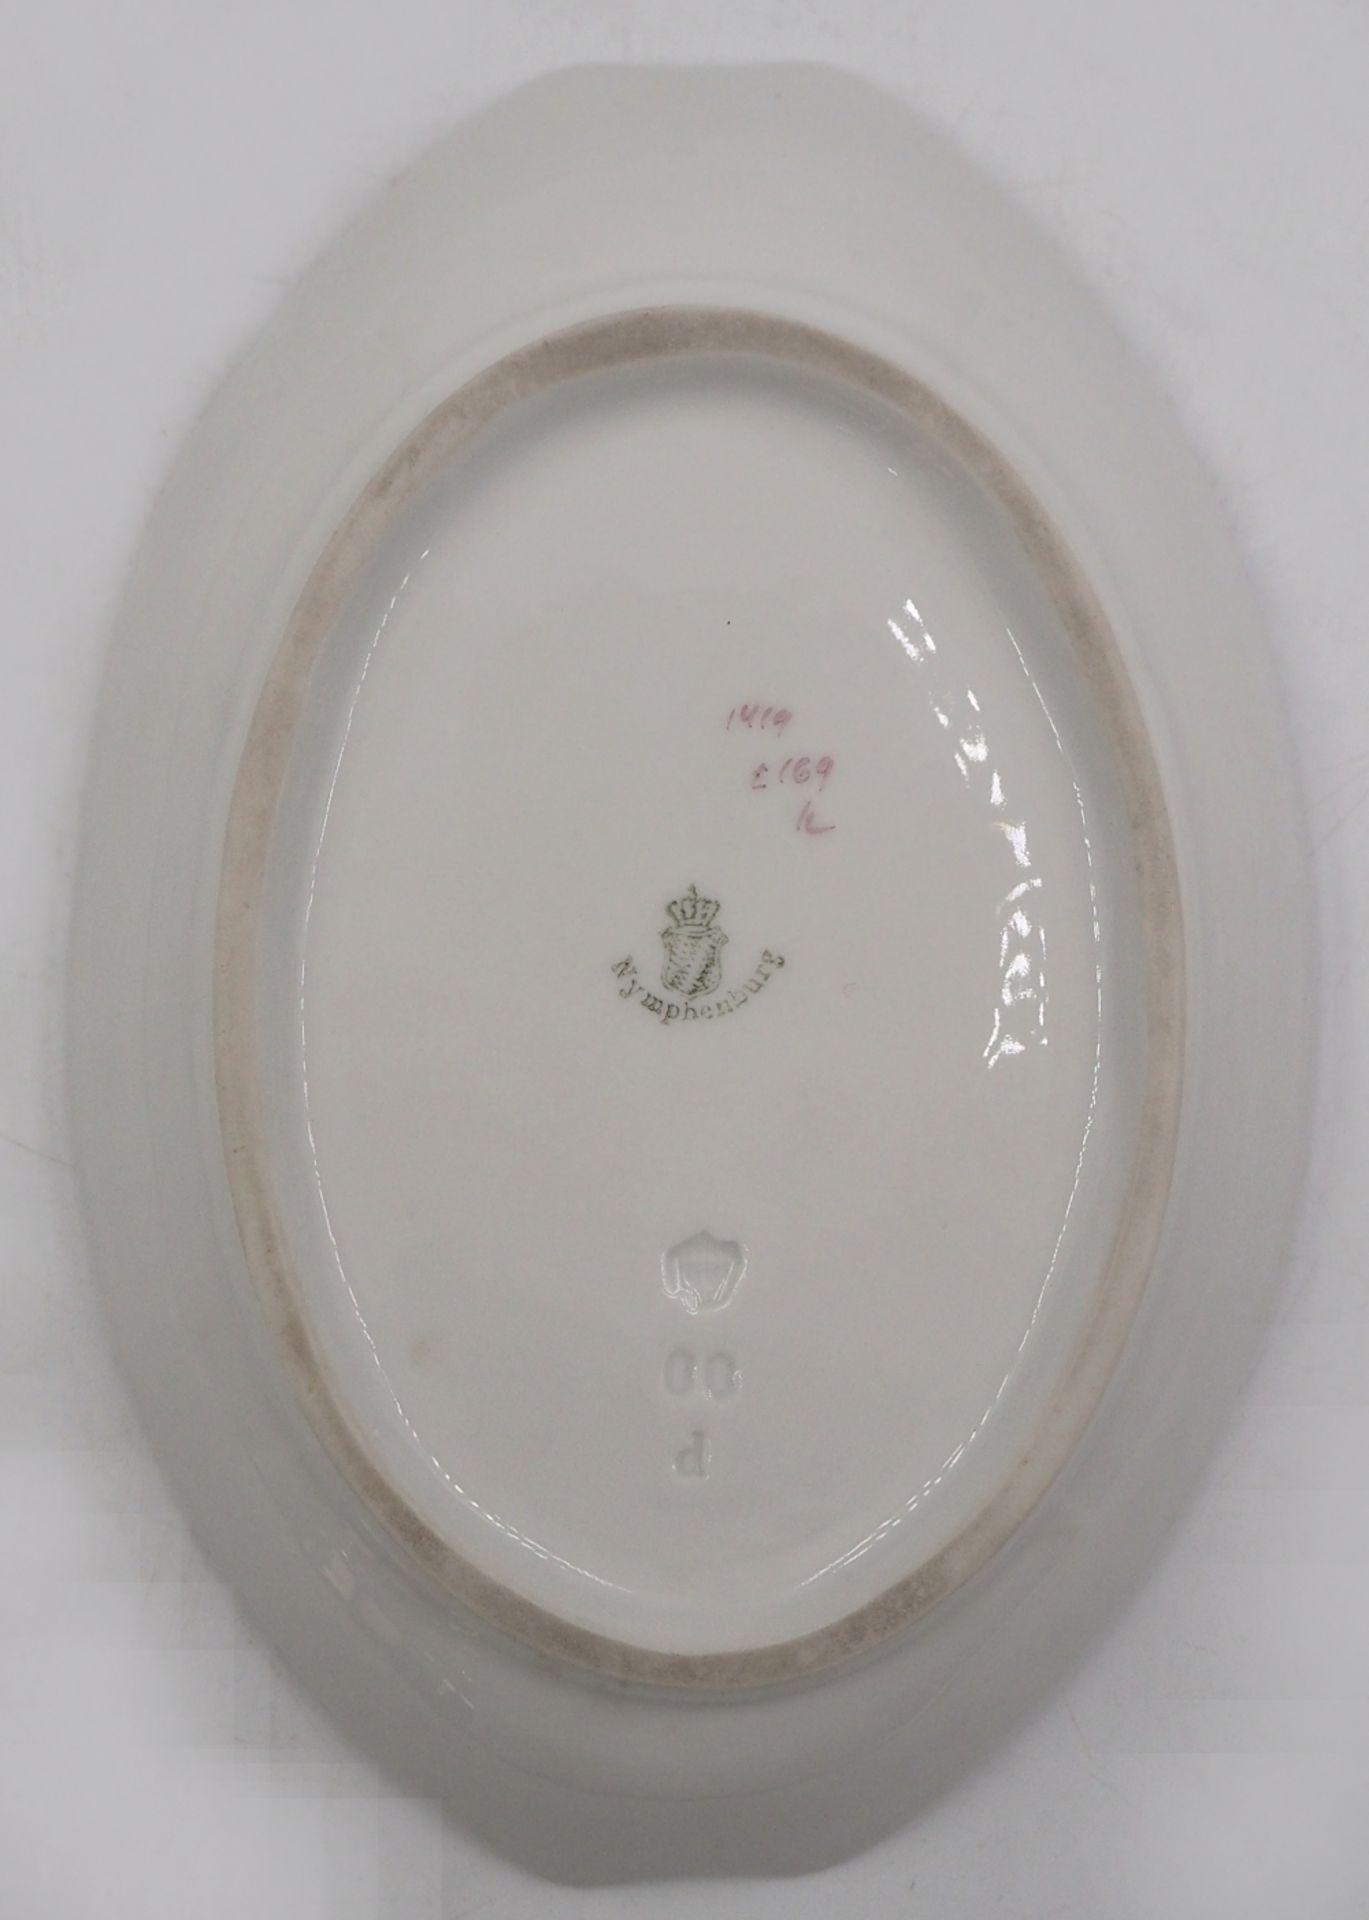 1 Gebäckschälchen Porzellan NYMPHENBURG violetter Blumendekor, Unterglasur-/Pressmar - Bild 2 aus 2